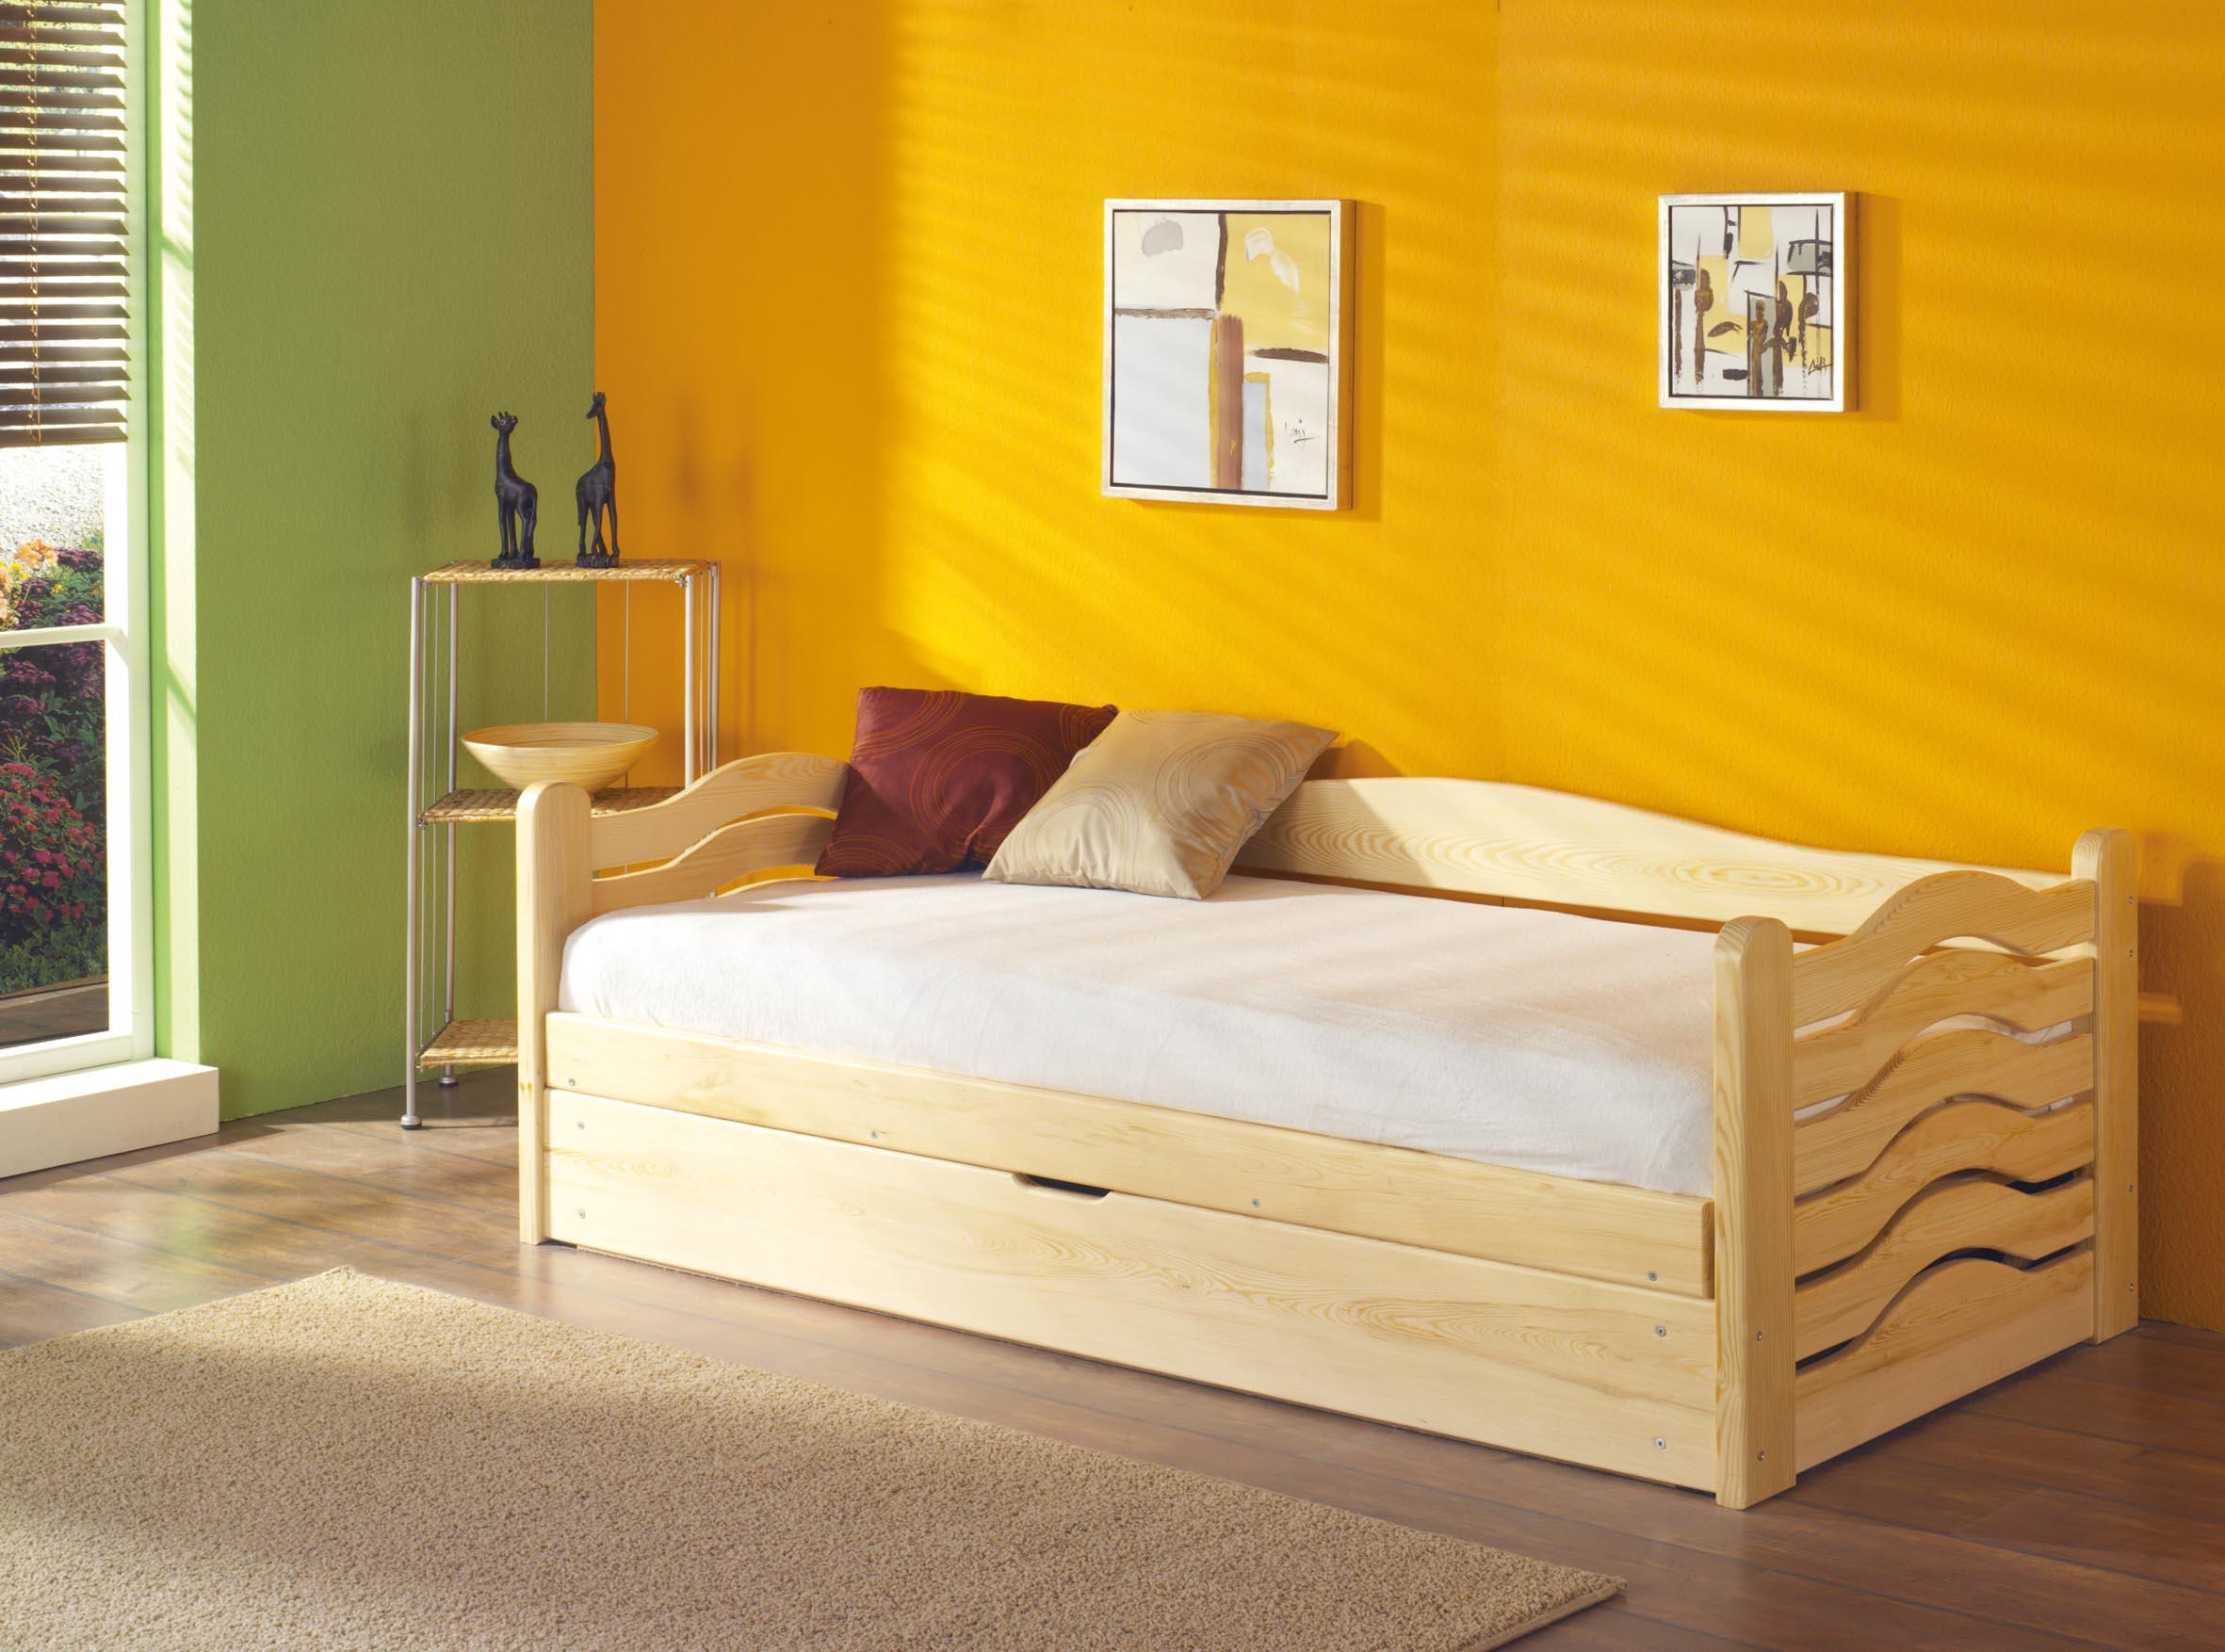 ArtBed Detská posteľ Olga / 190x87x60 cm Prevedenie: Borovica prírodná